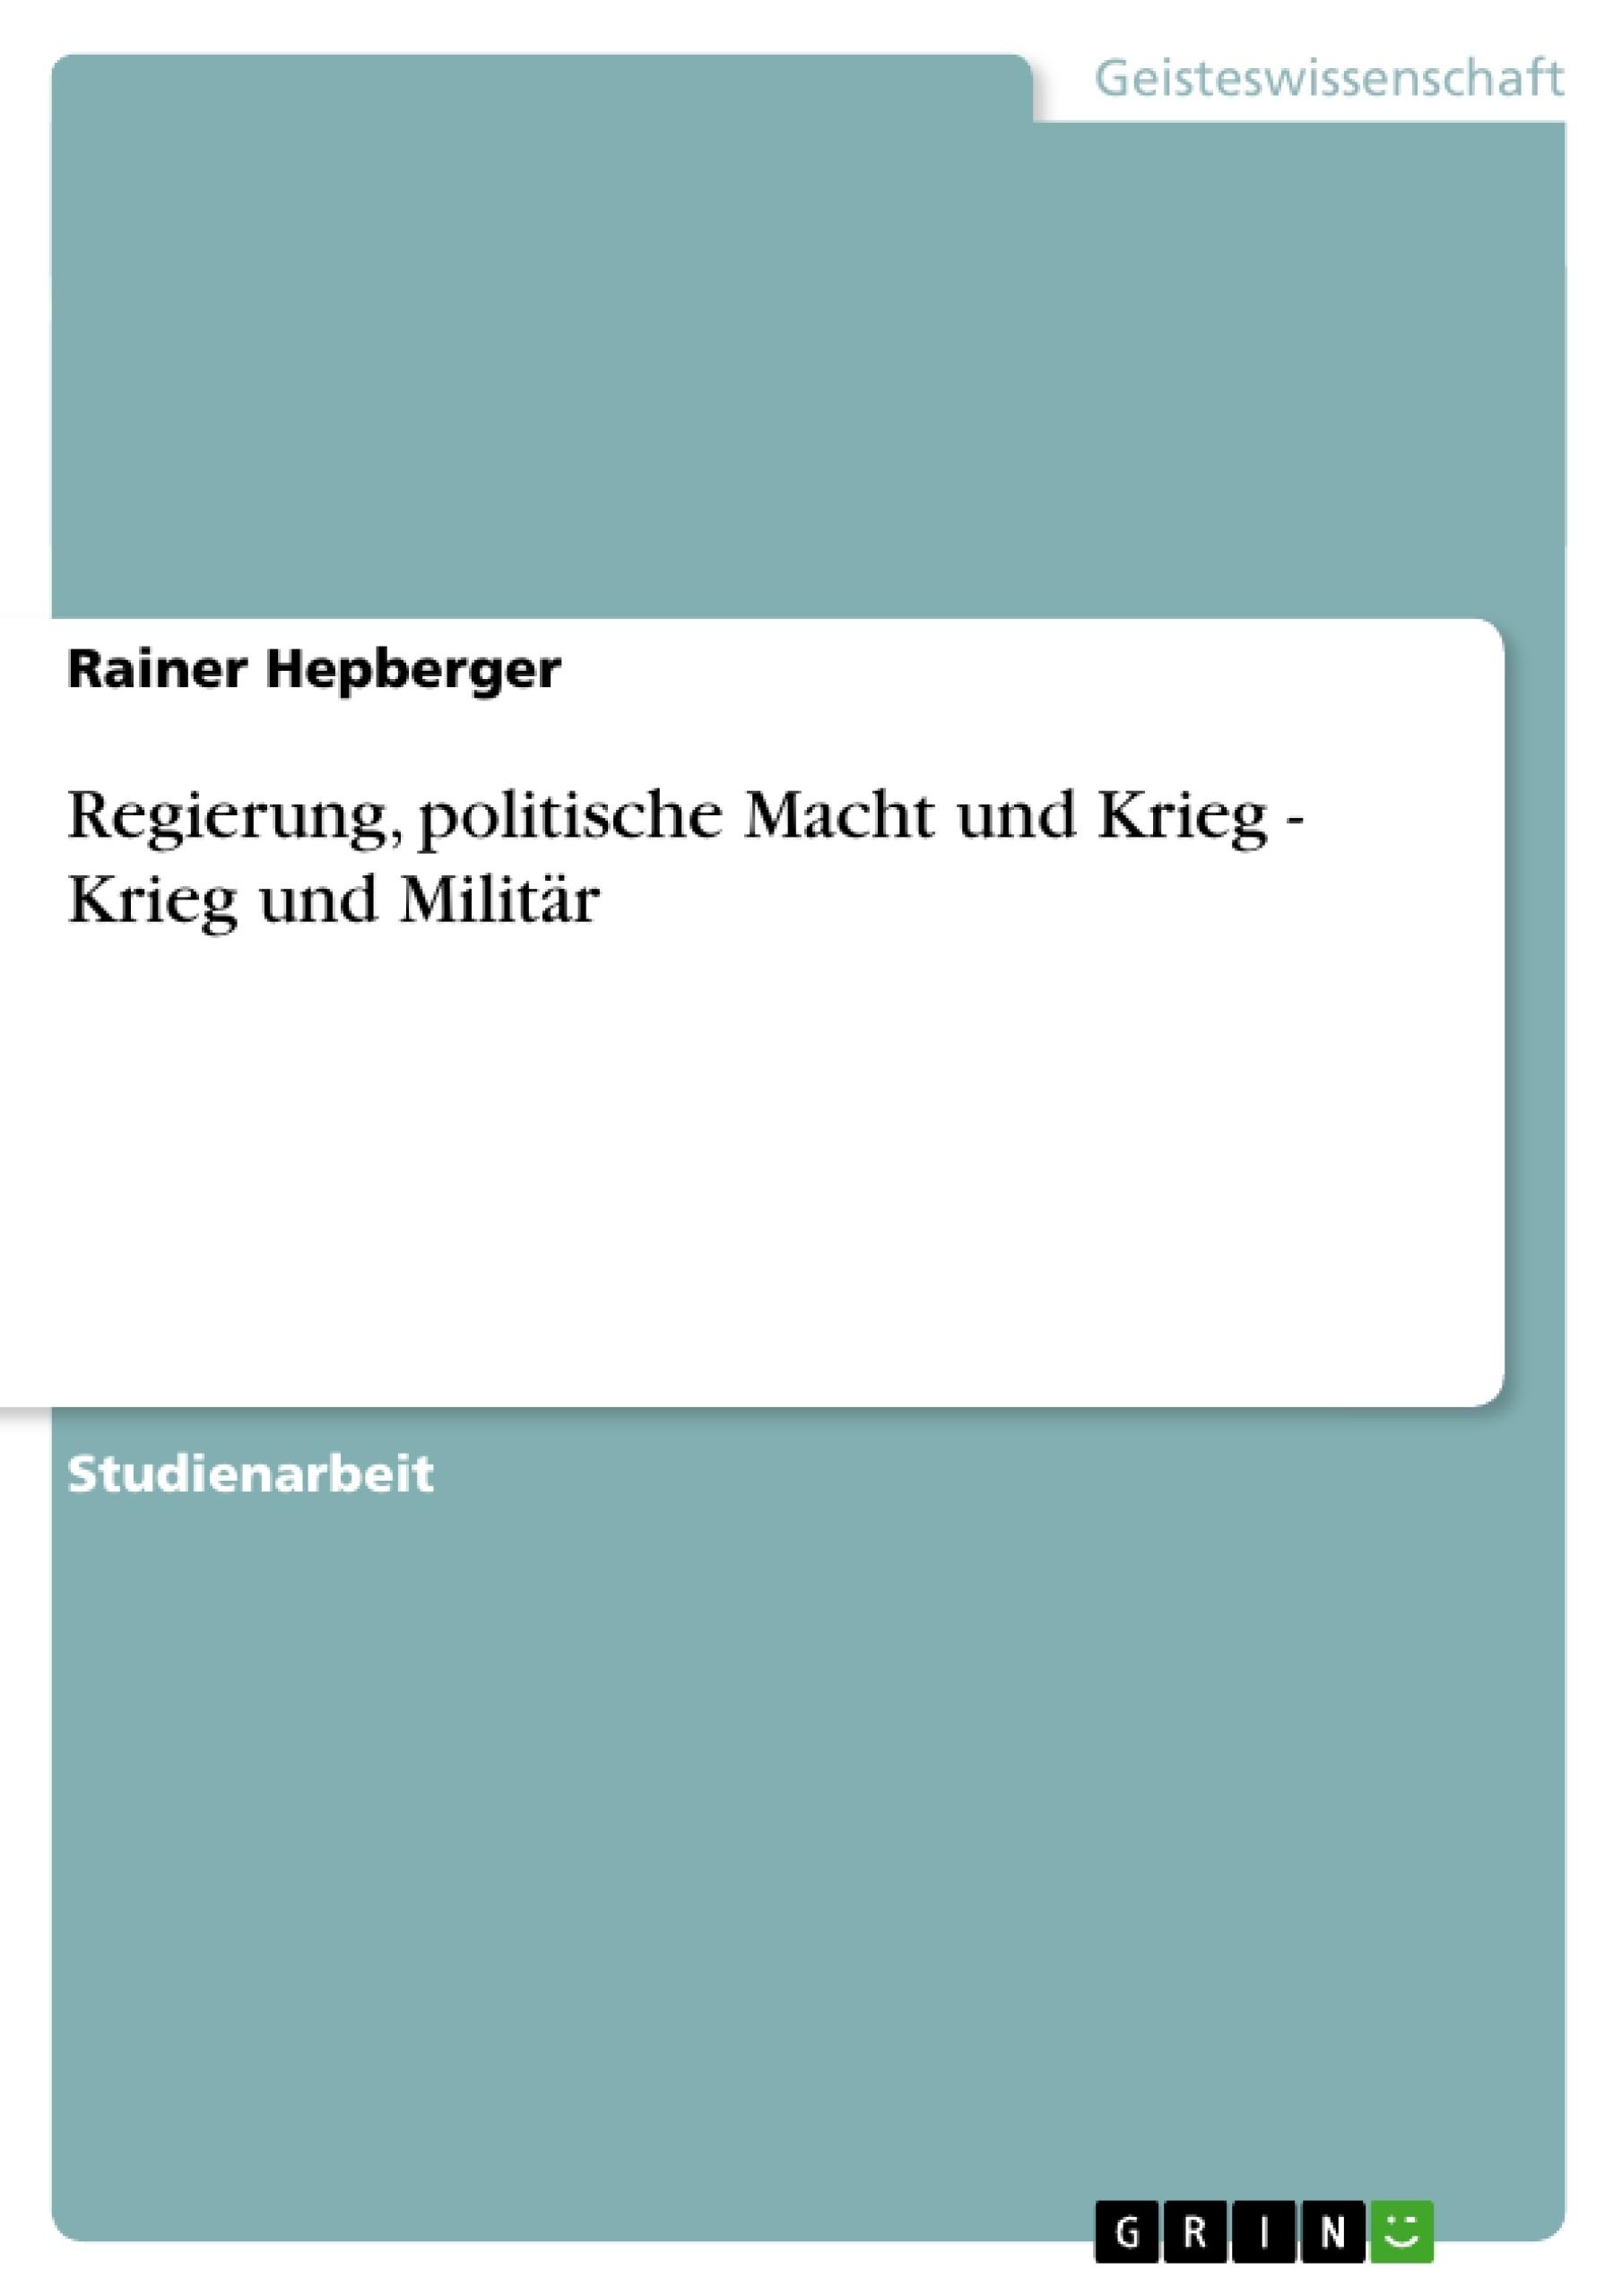 Titel: Regierung, politische Macht und Krieg - Krieg und Militär